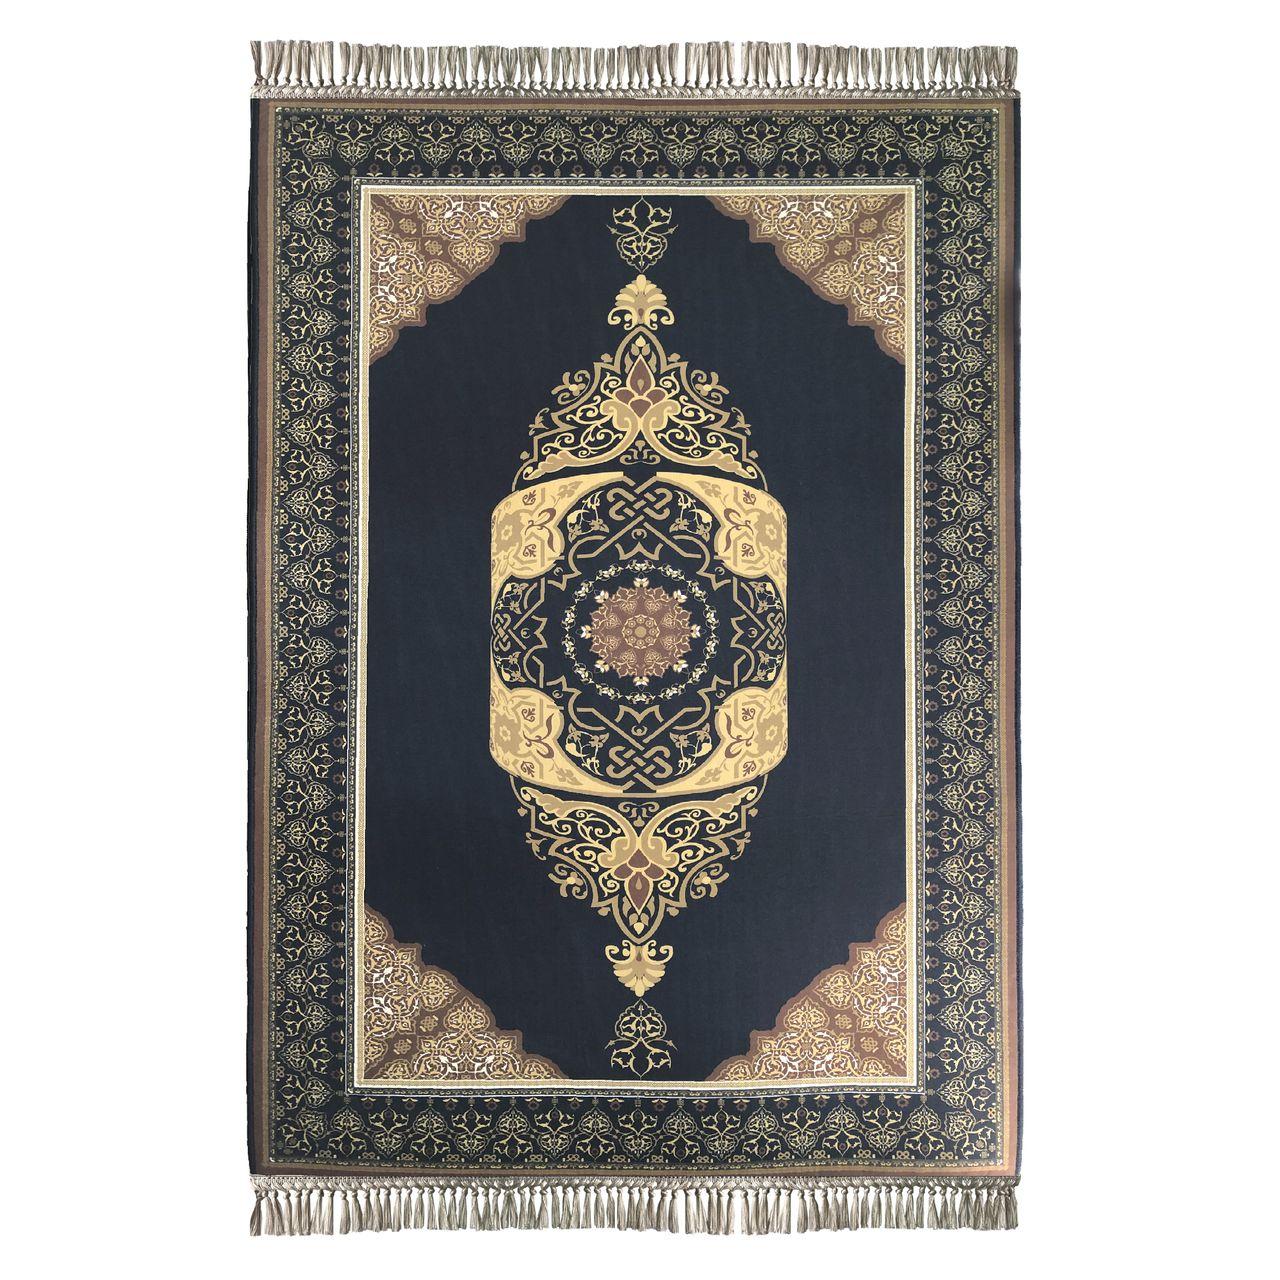 فرش پارچه ای آرتا نقش تاک مدل هوم